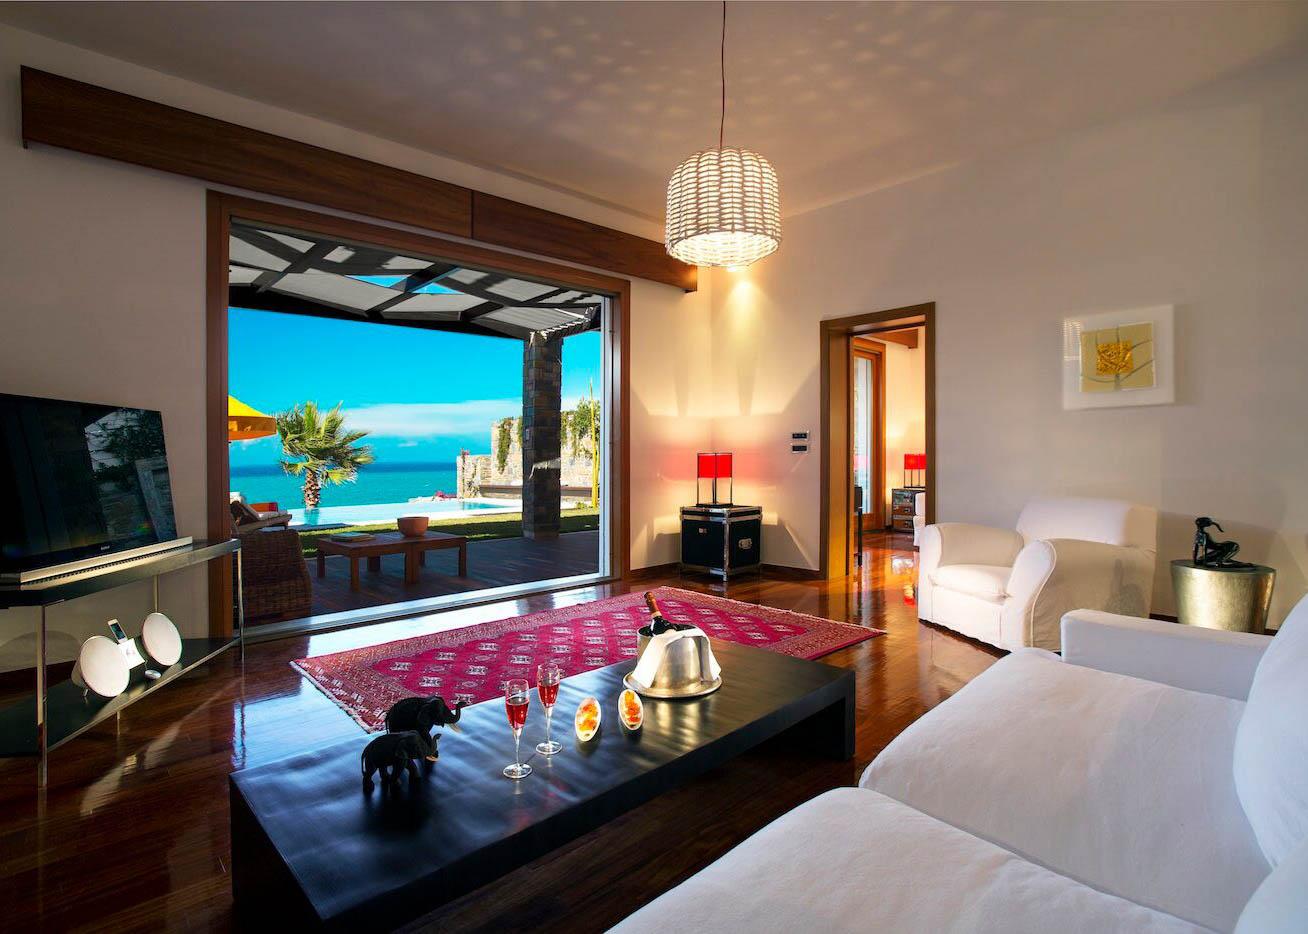 Grand Residence living room